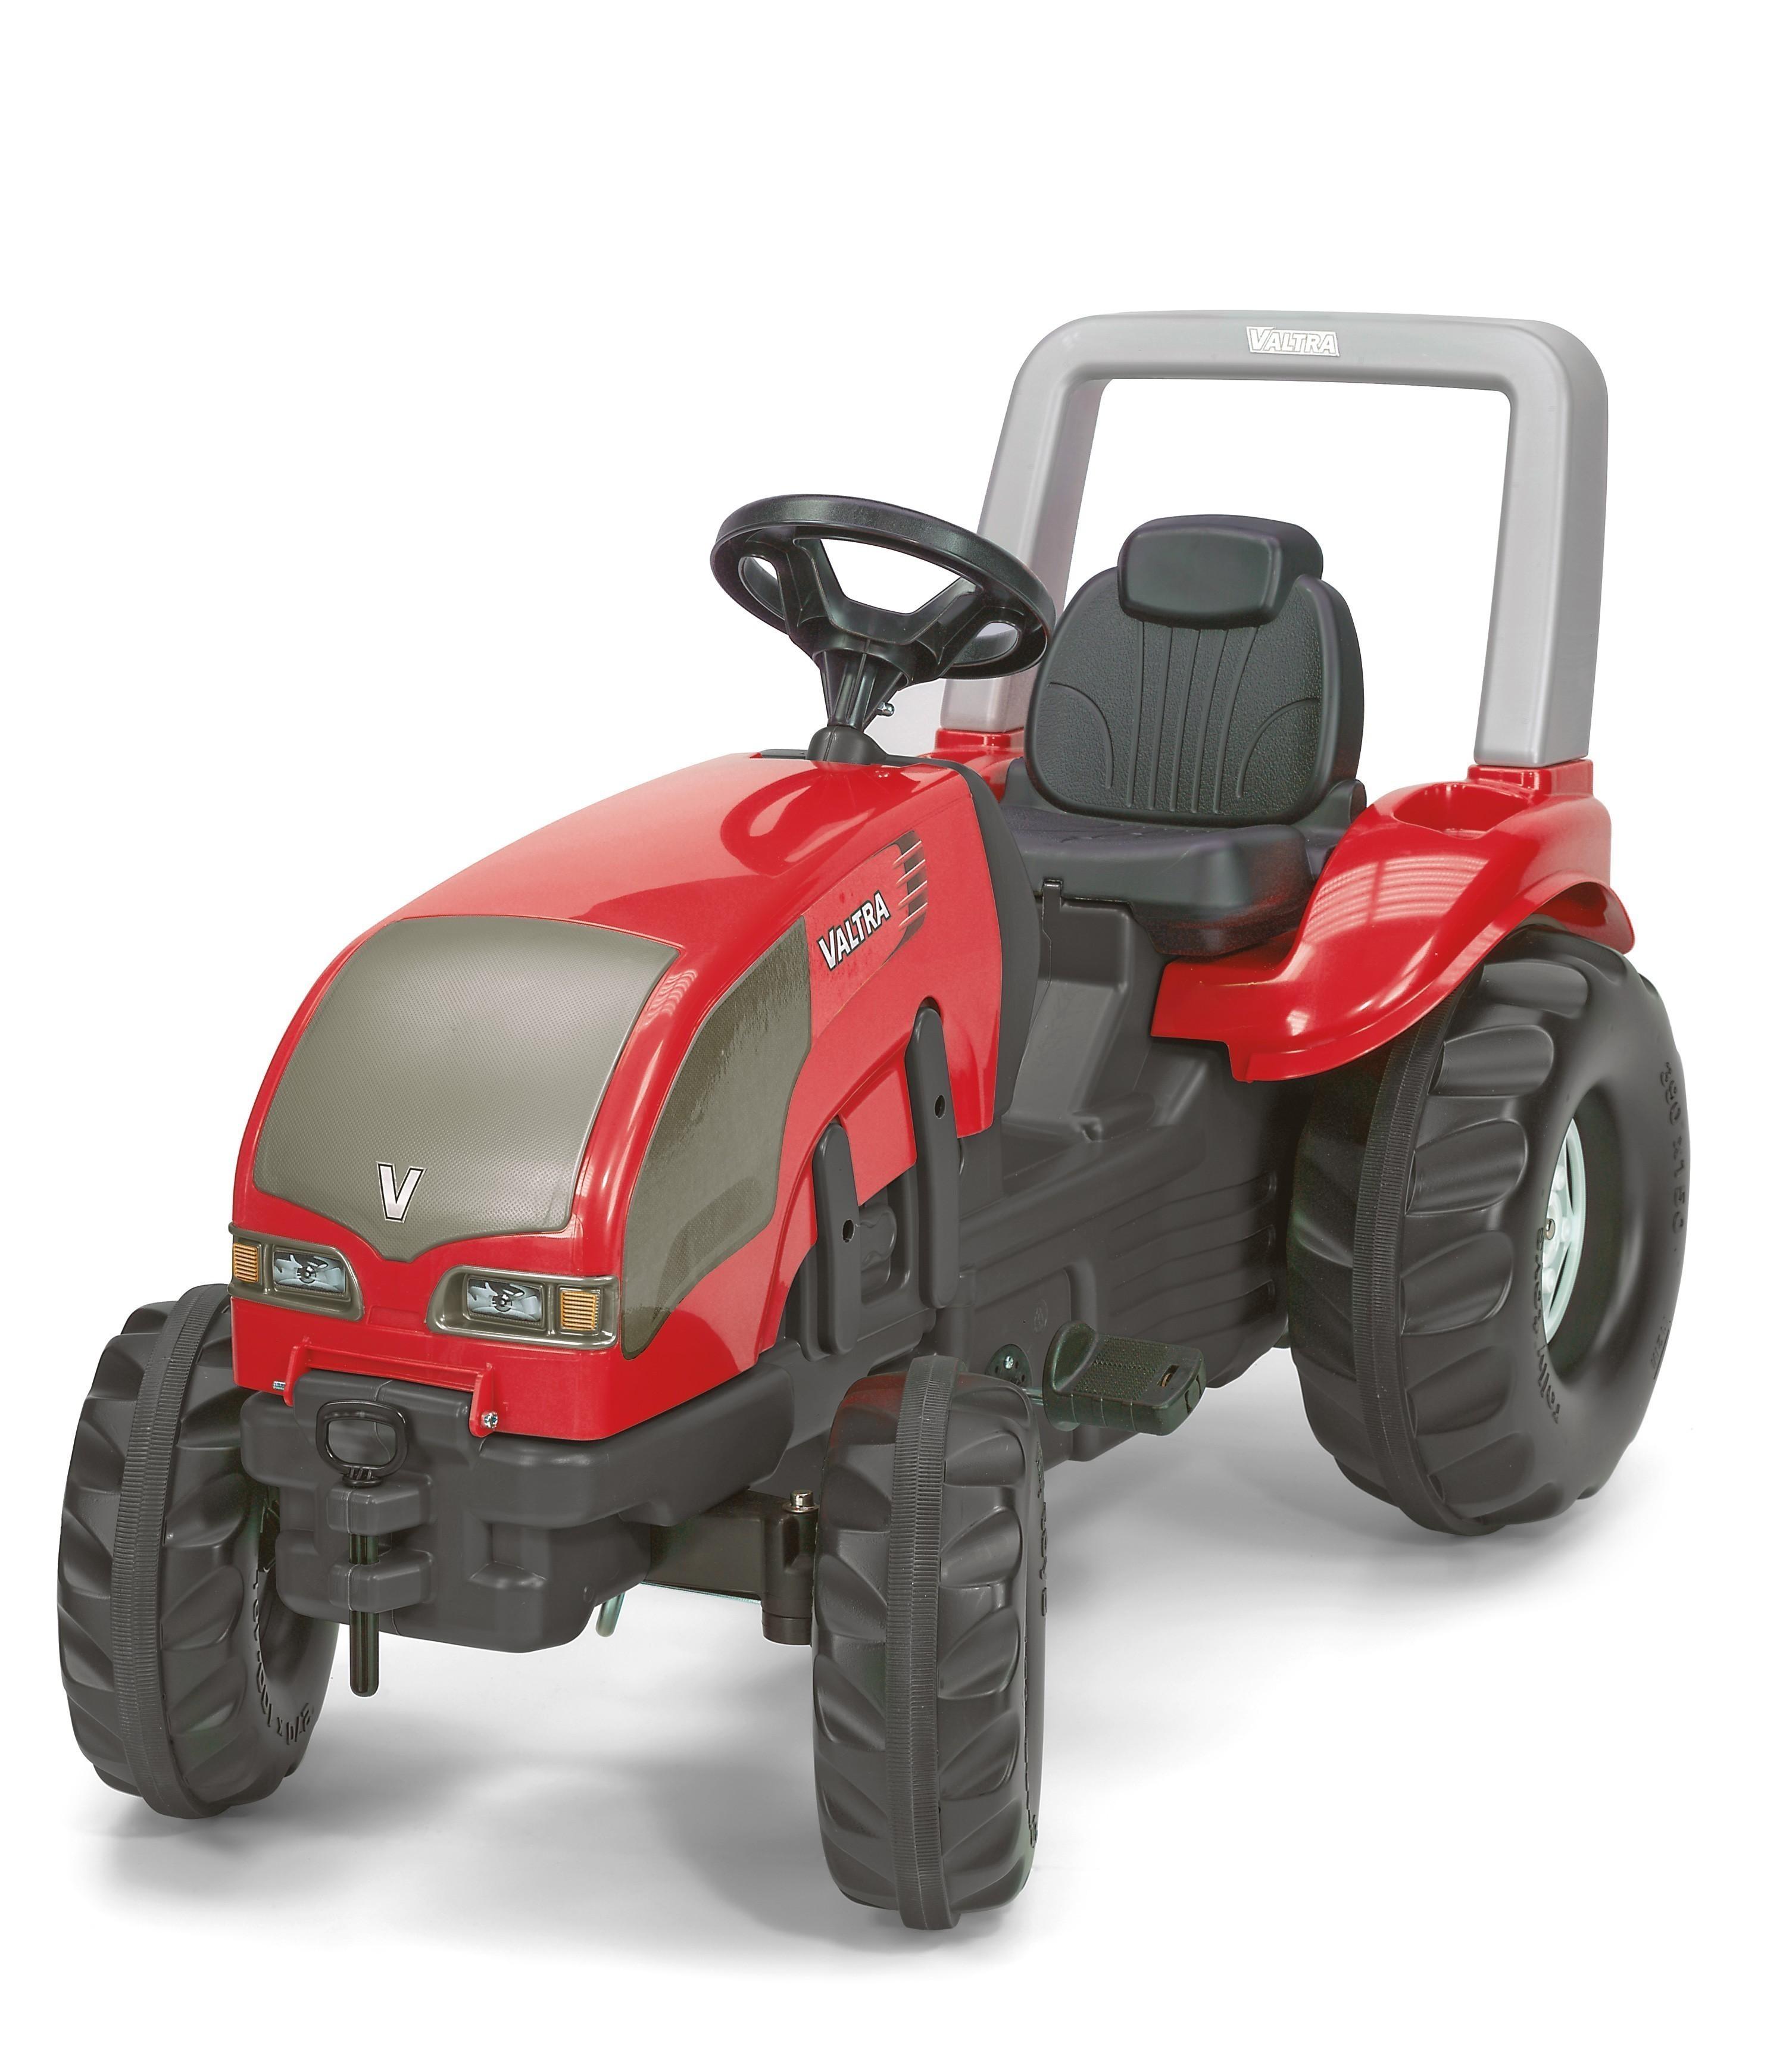 Trettraktor rolly X-trac Valtra - Rolly Toys Bild 1